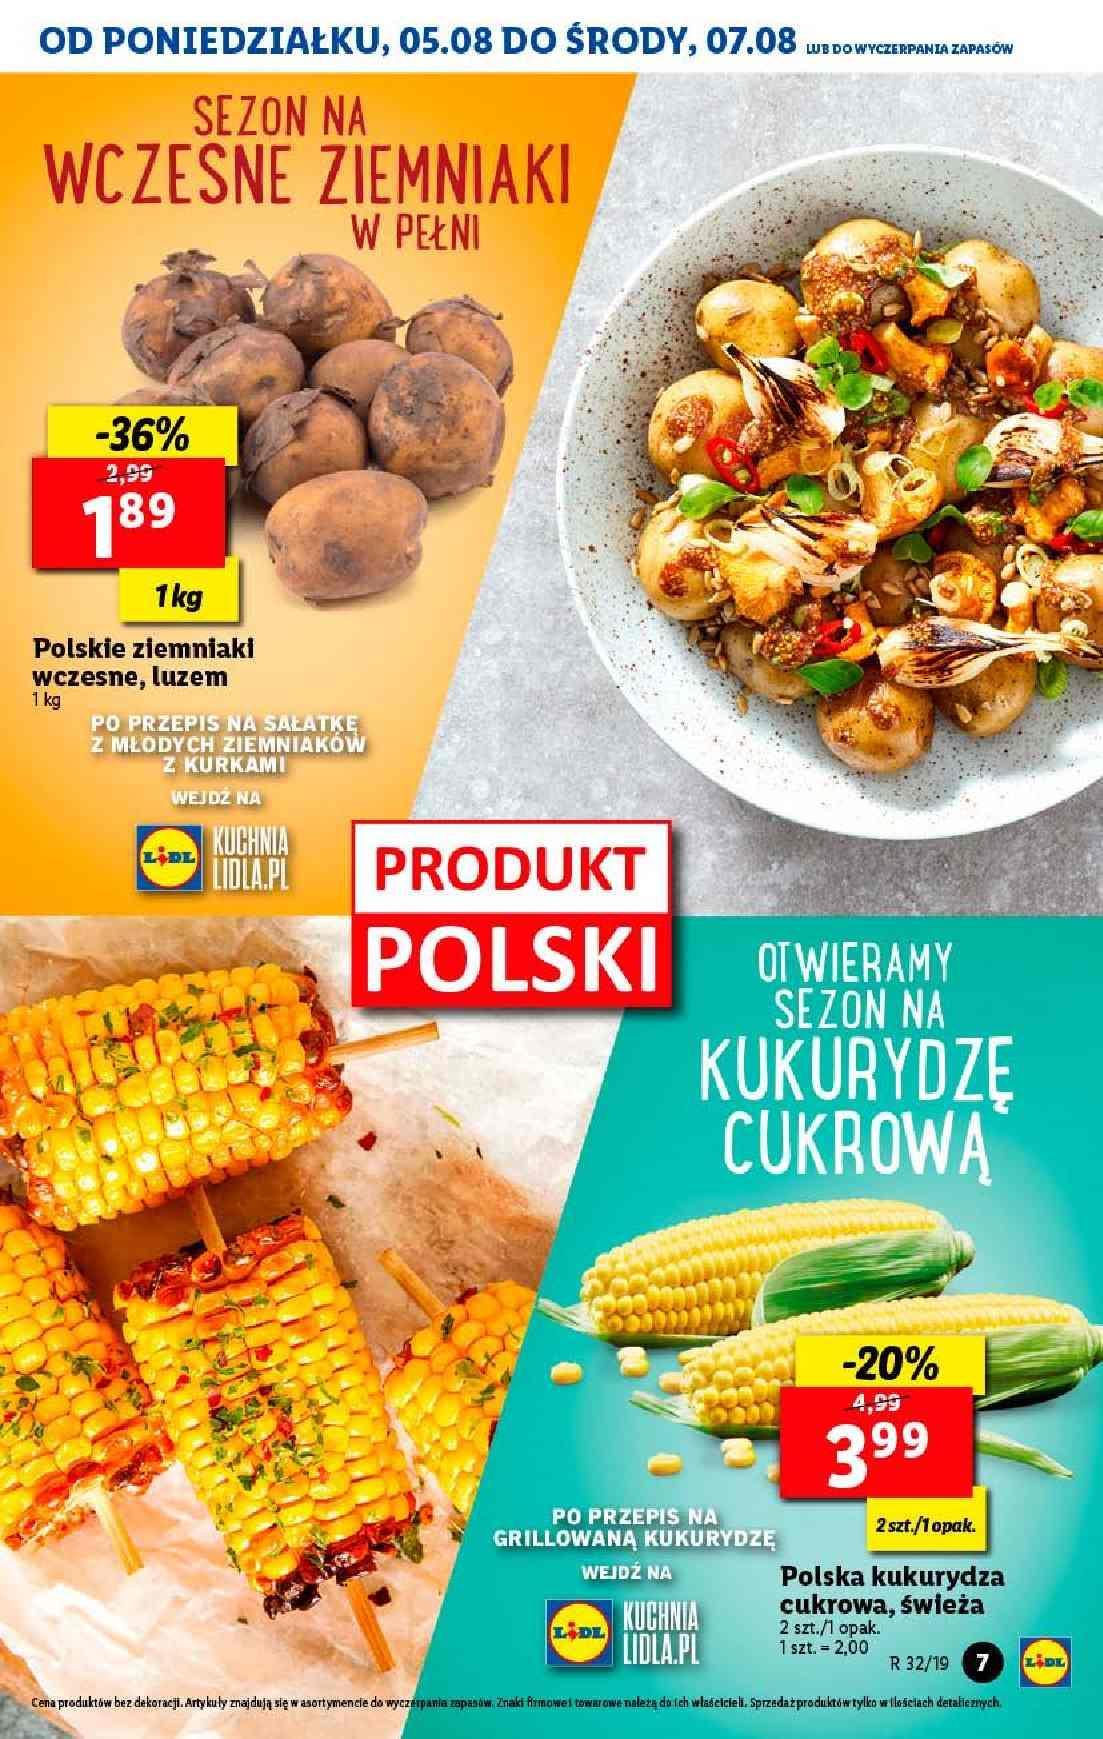 Gazetka promocyjna Lidl do 07/08/2019 str.6